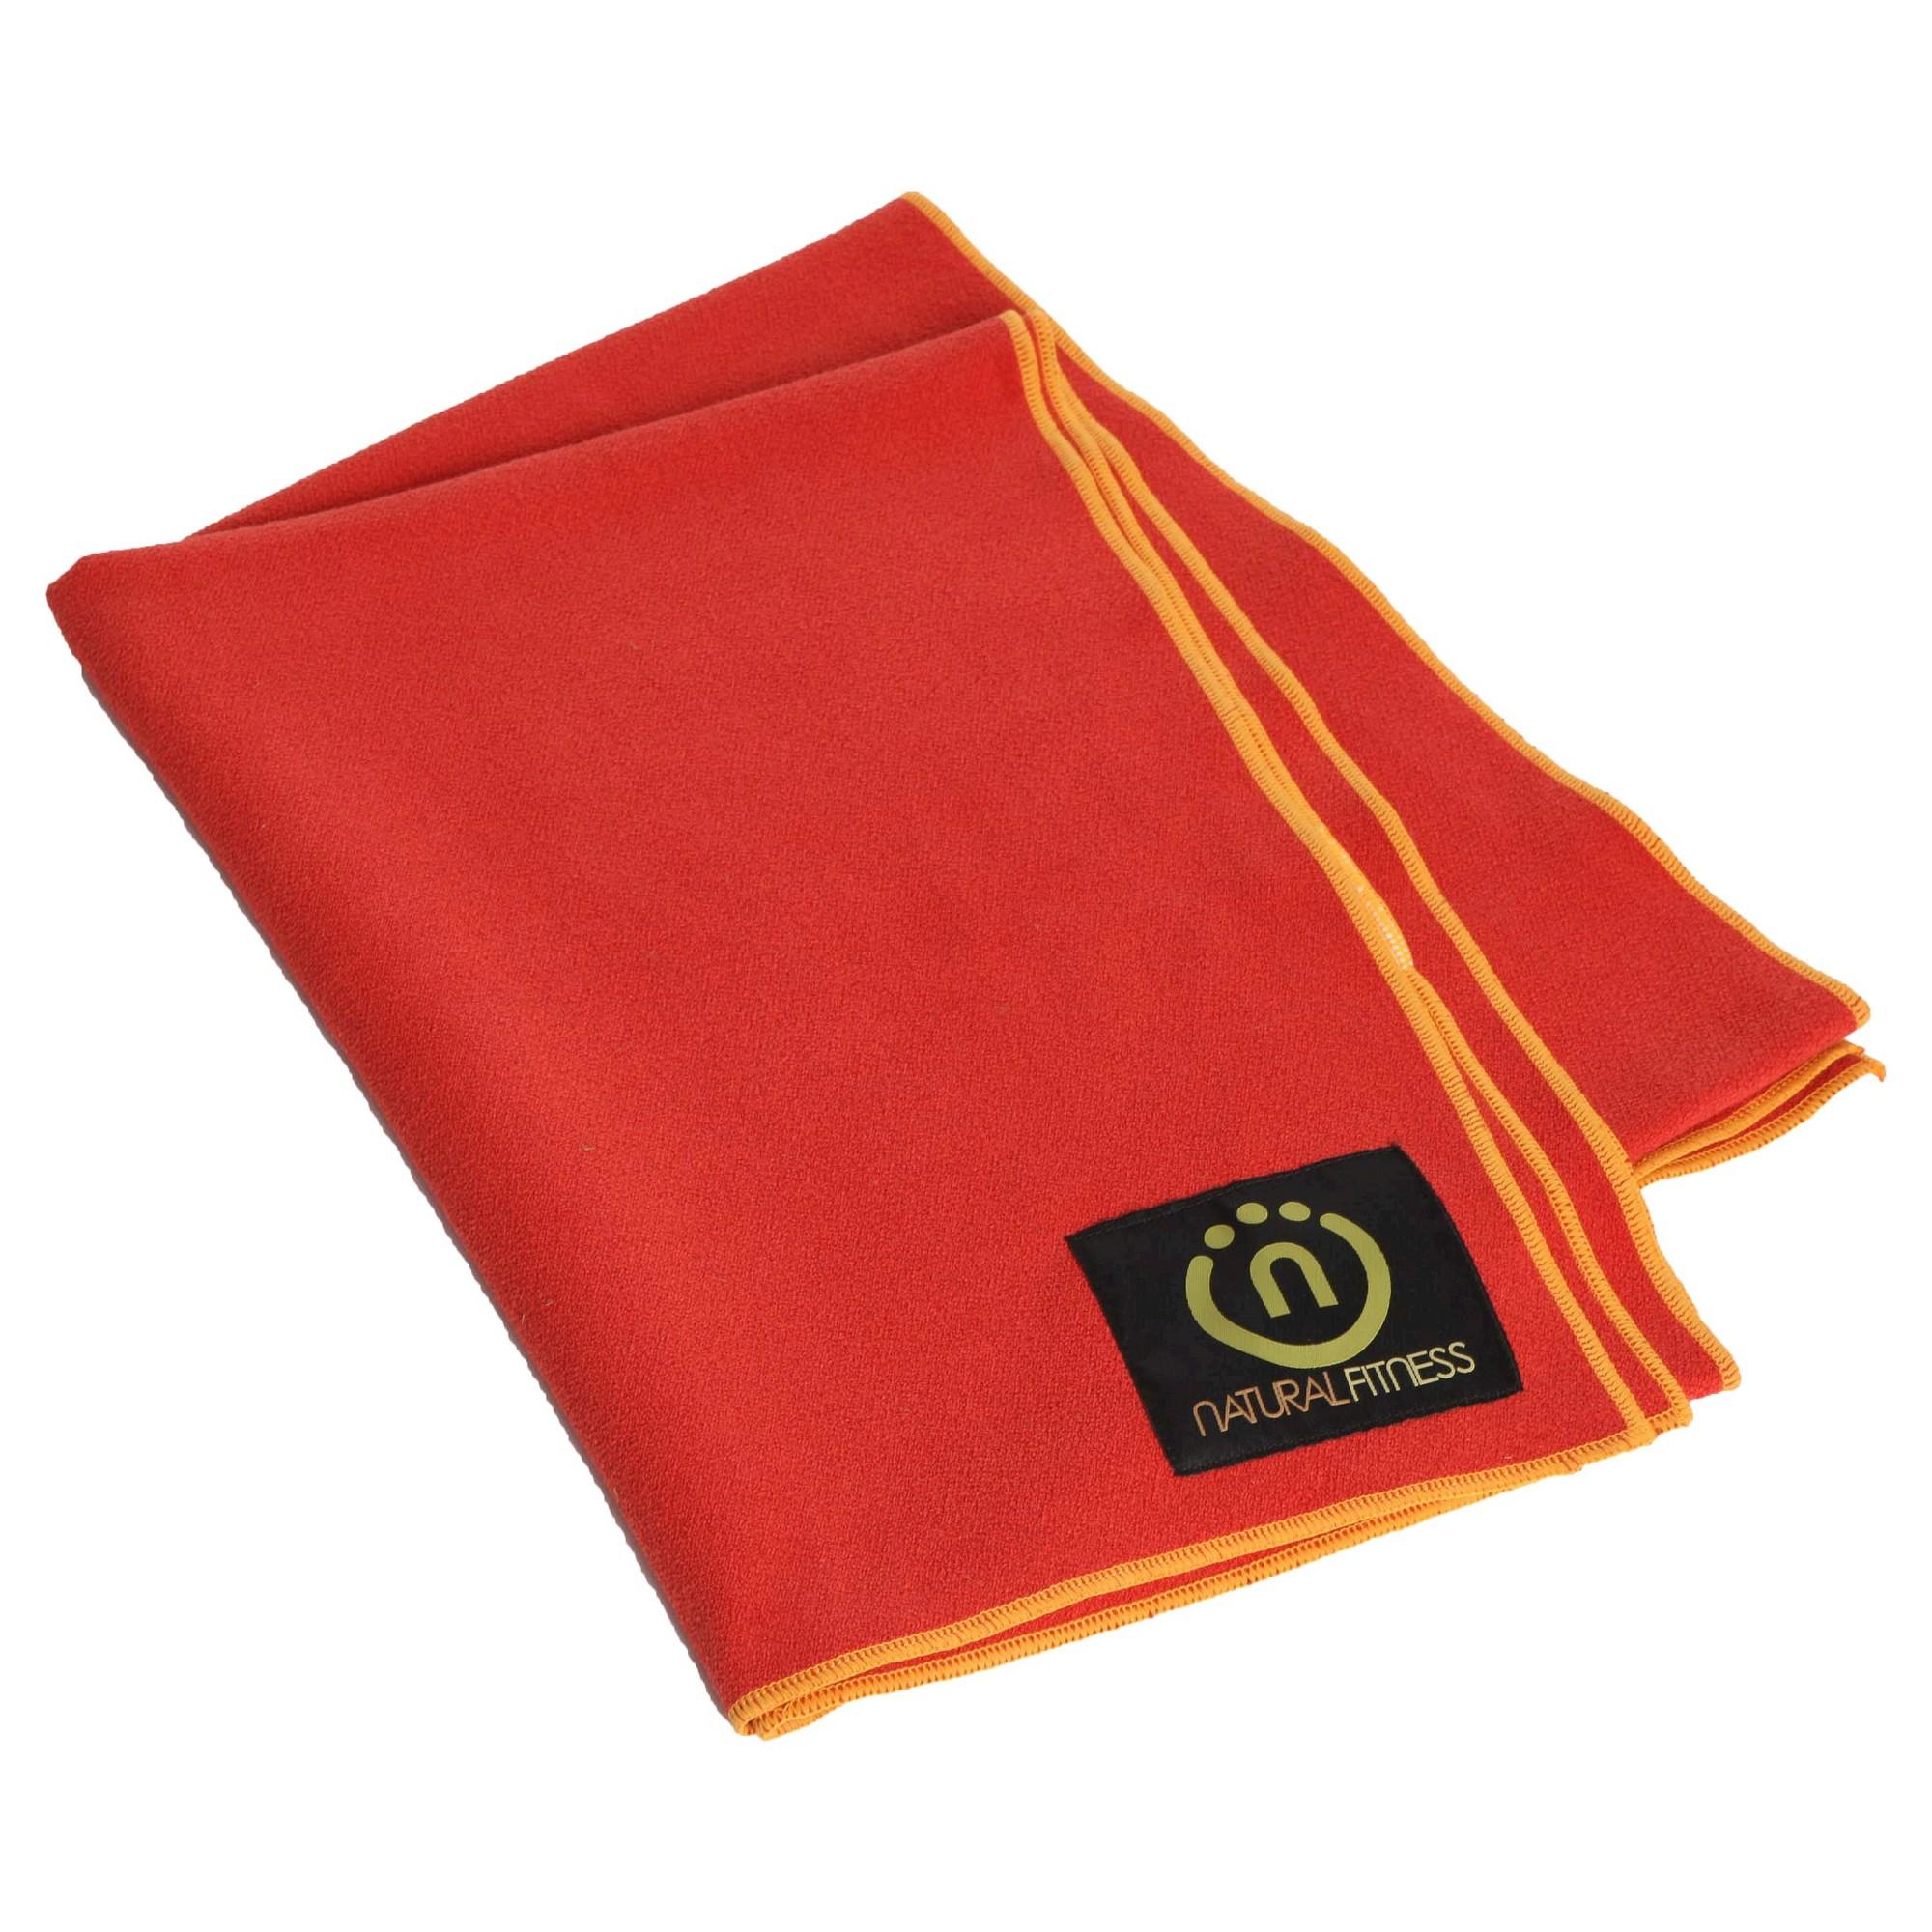 yoga htm activewear towels equatowel res equa high mat mats manduka towel grey